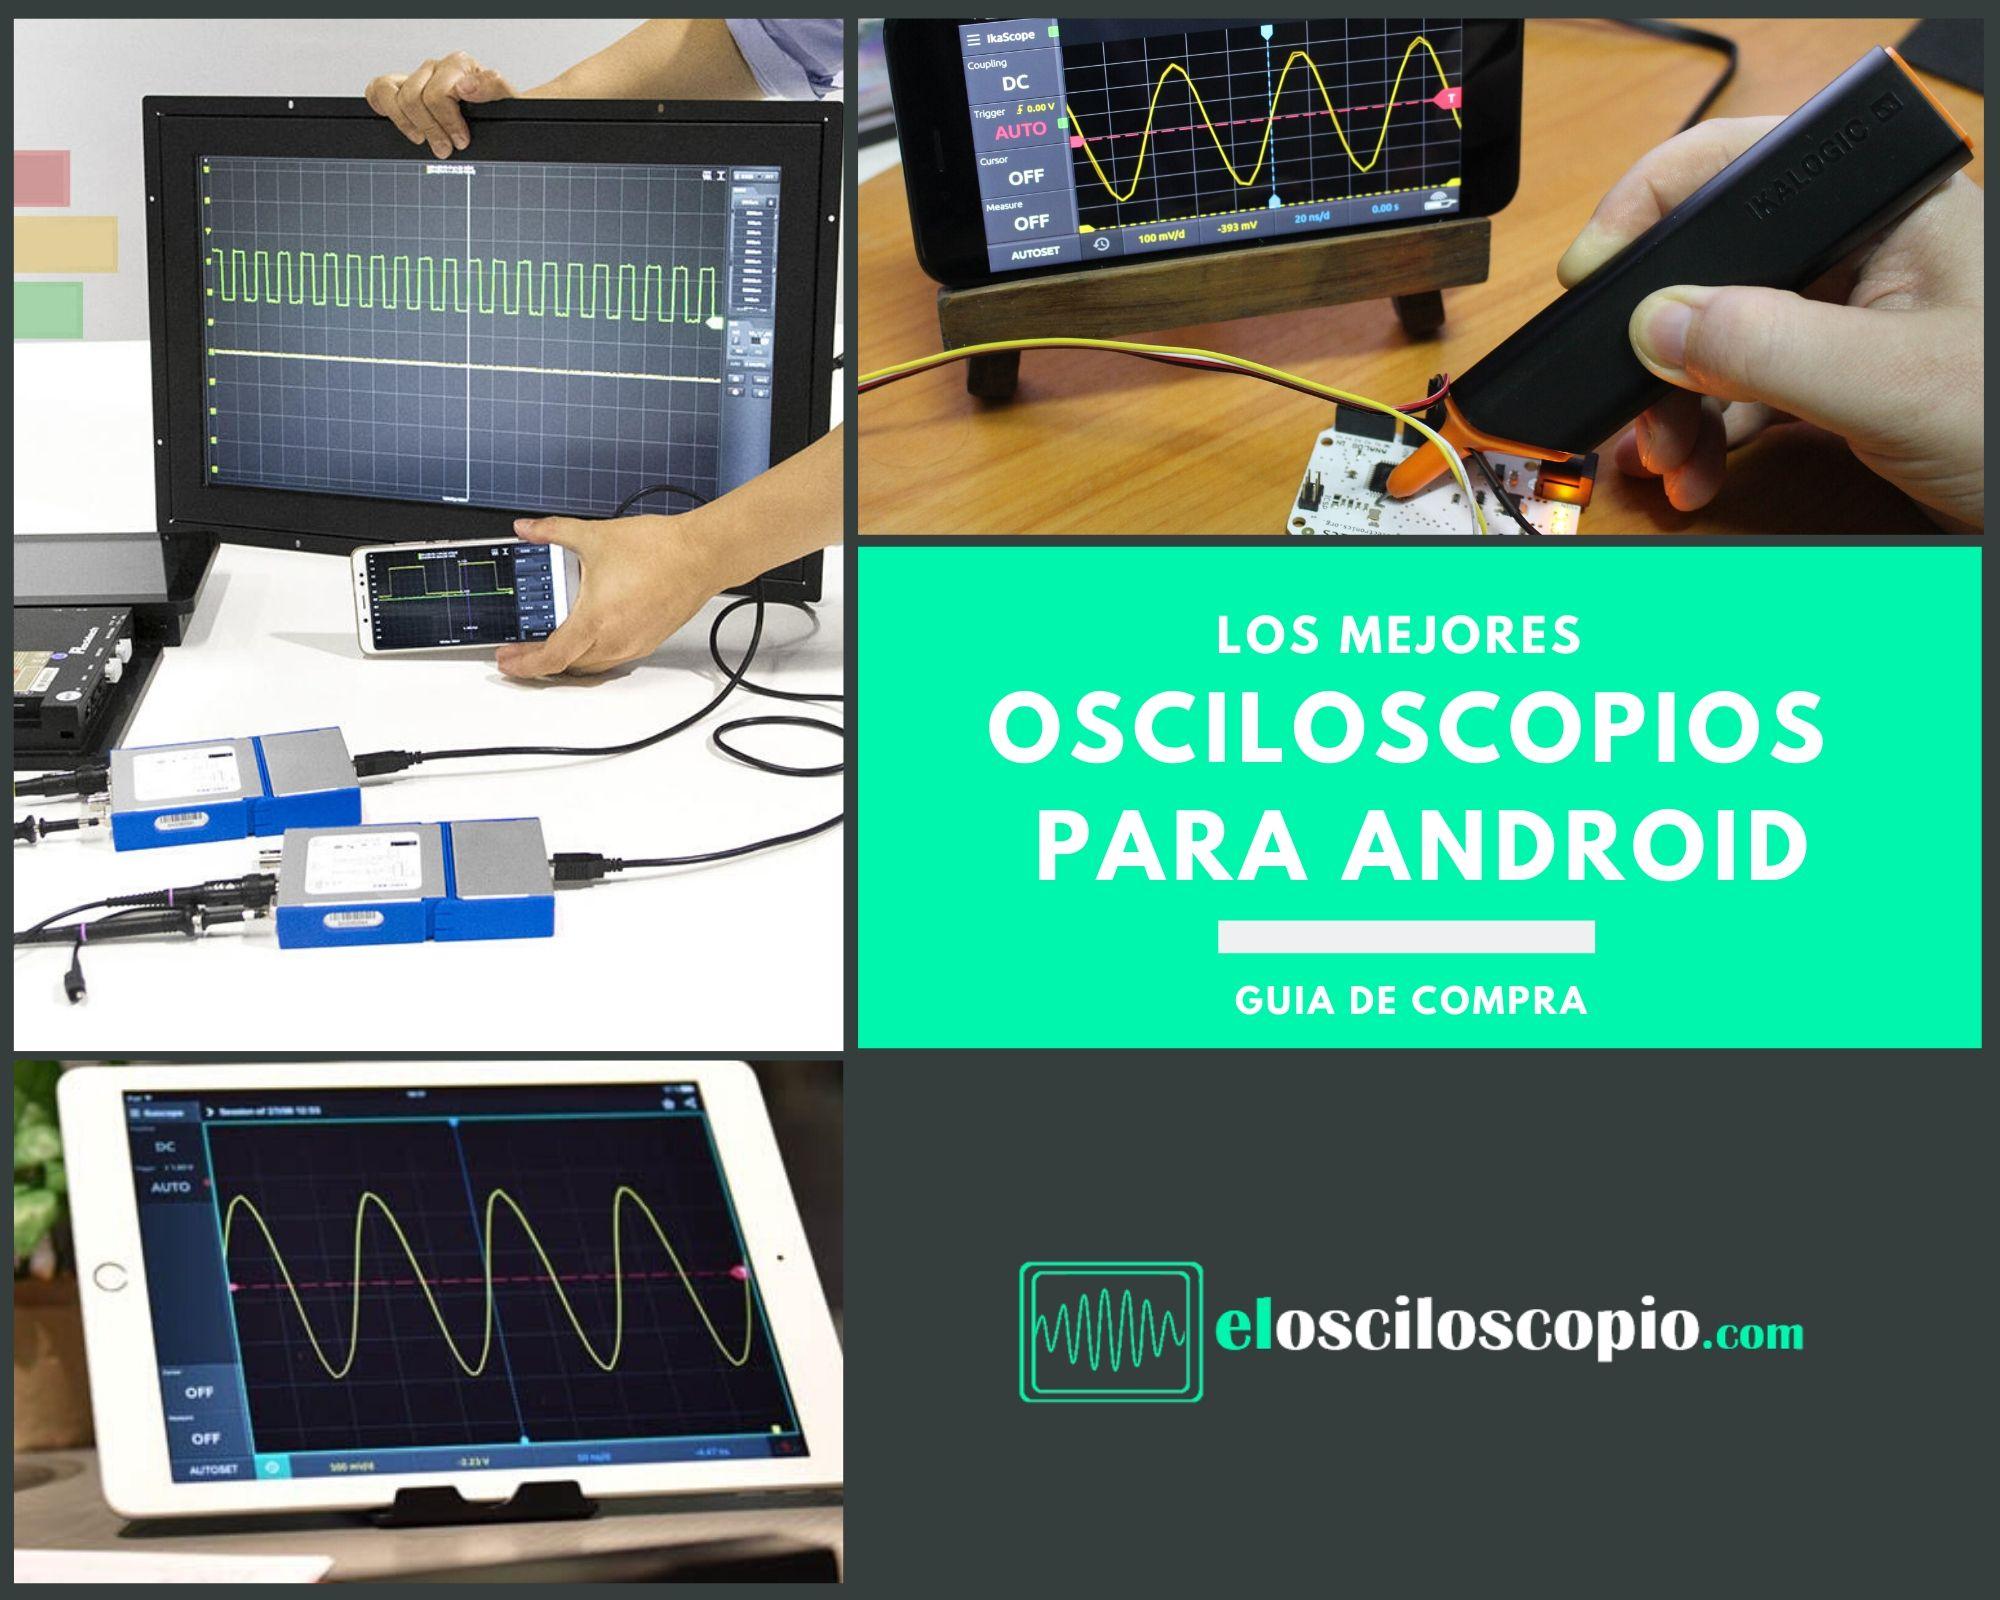 Los Mejores Osciloscopios Android